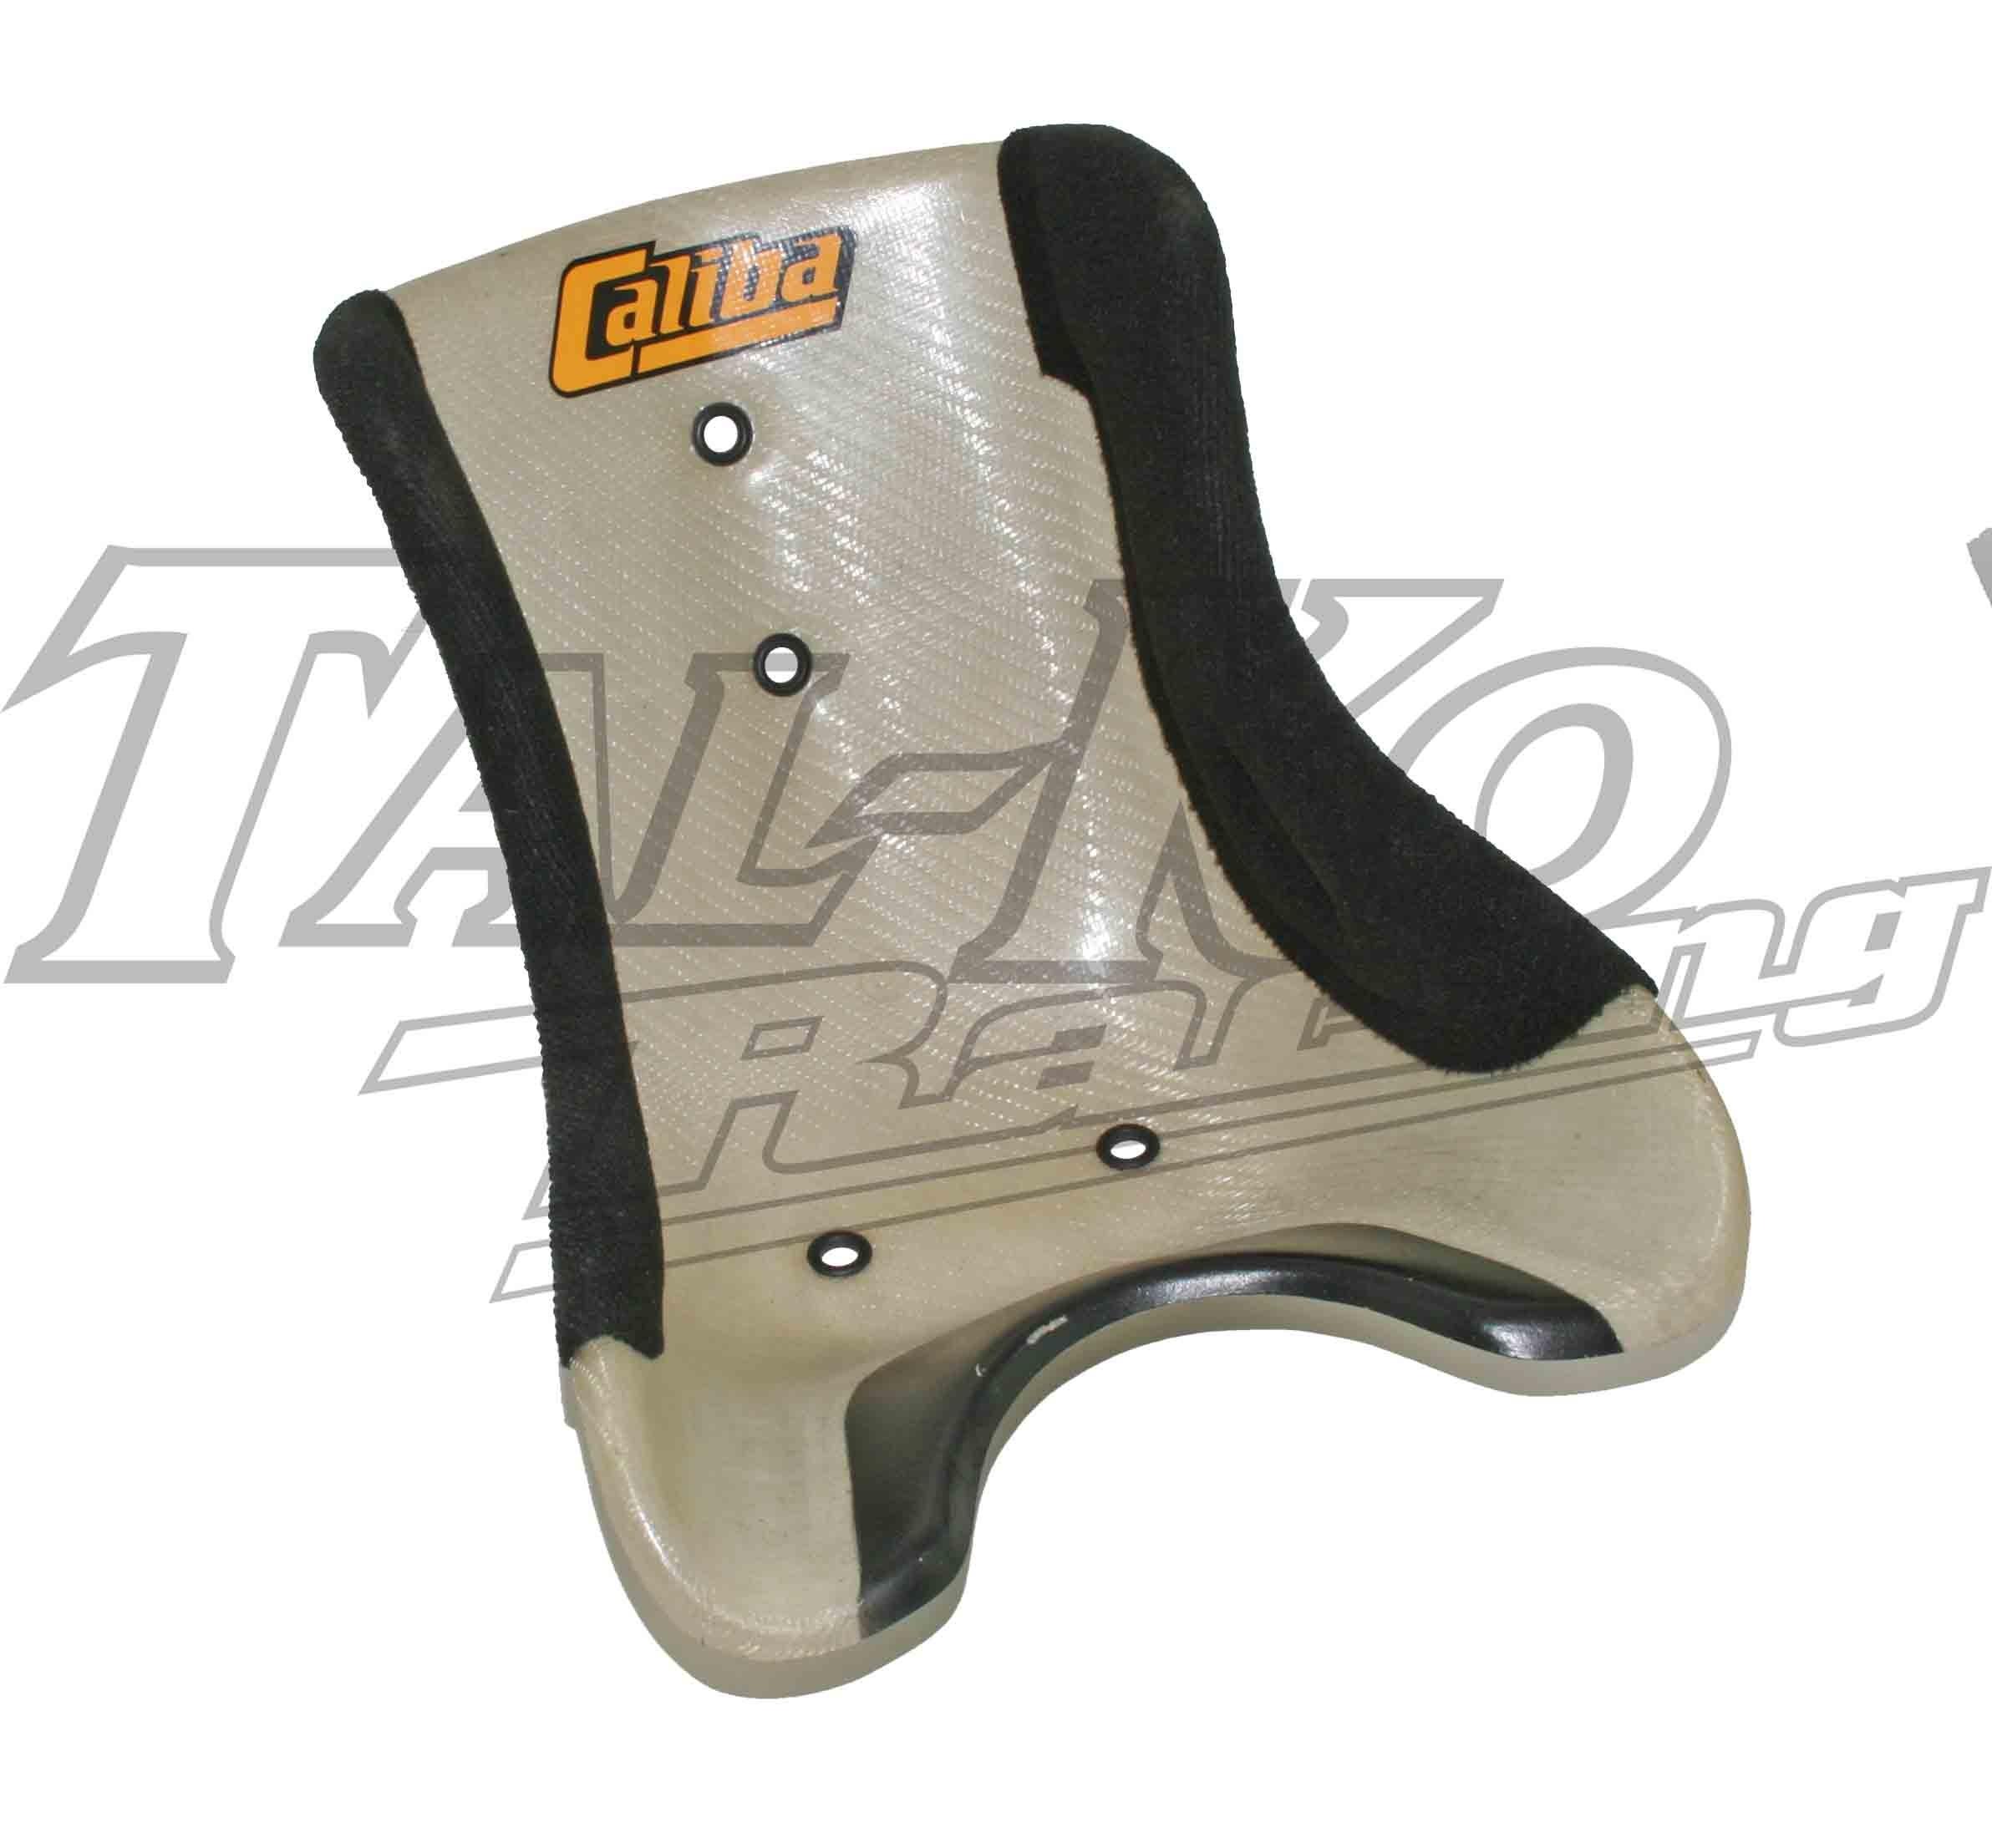 CALIBA RACING SEAT RTM ACTIVE 1/4 MEDIUM